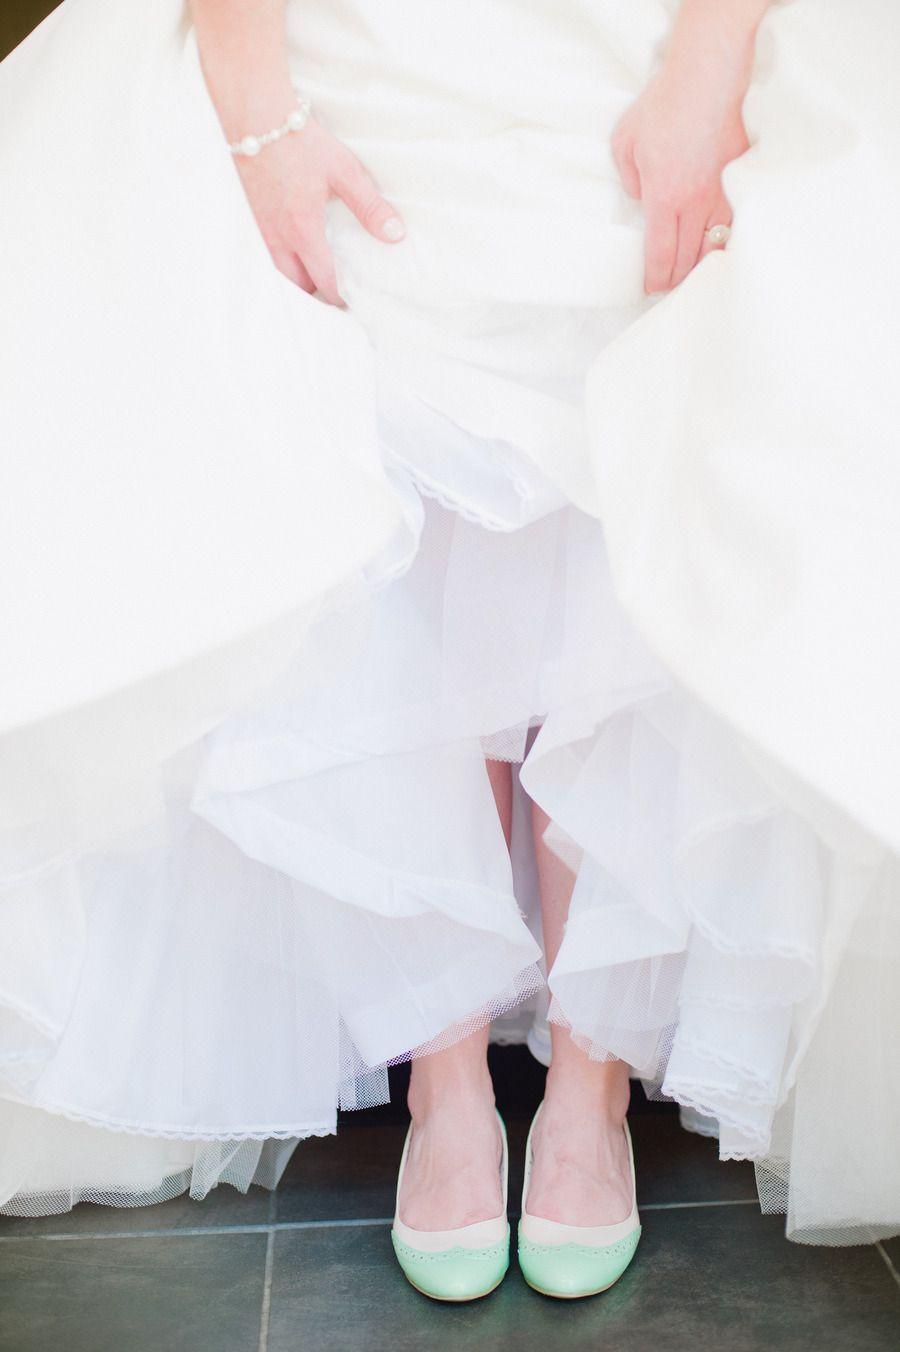 Hoy las novias llevan su personalidad al altar!    Mint flats. Photography by Lexia Frank Photography / lexiafrank.com